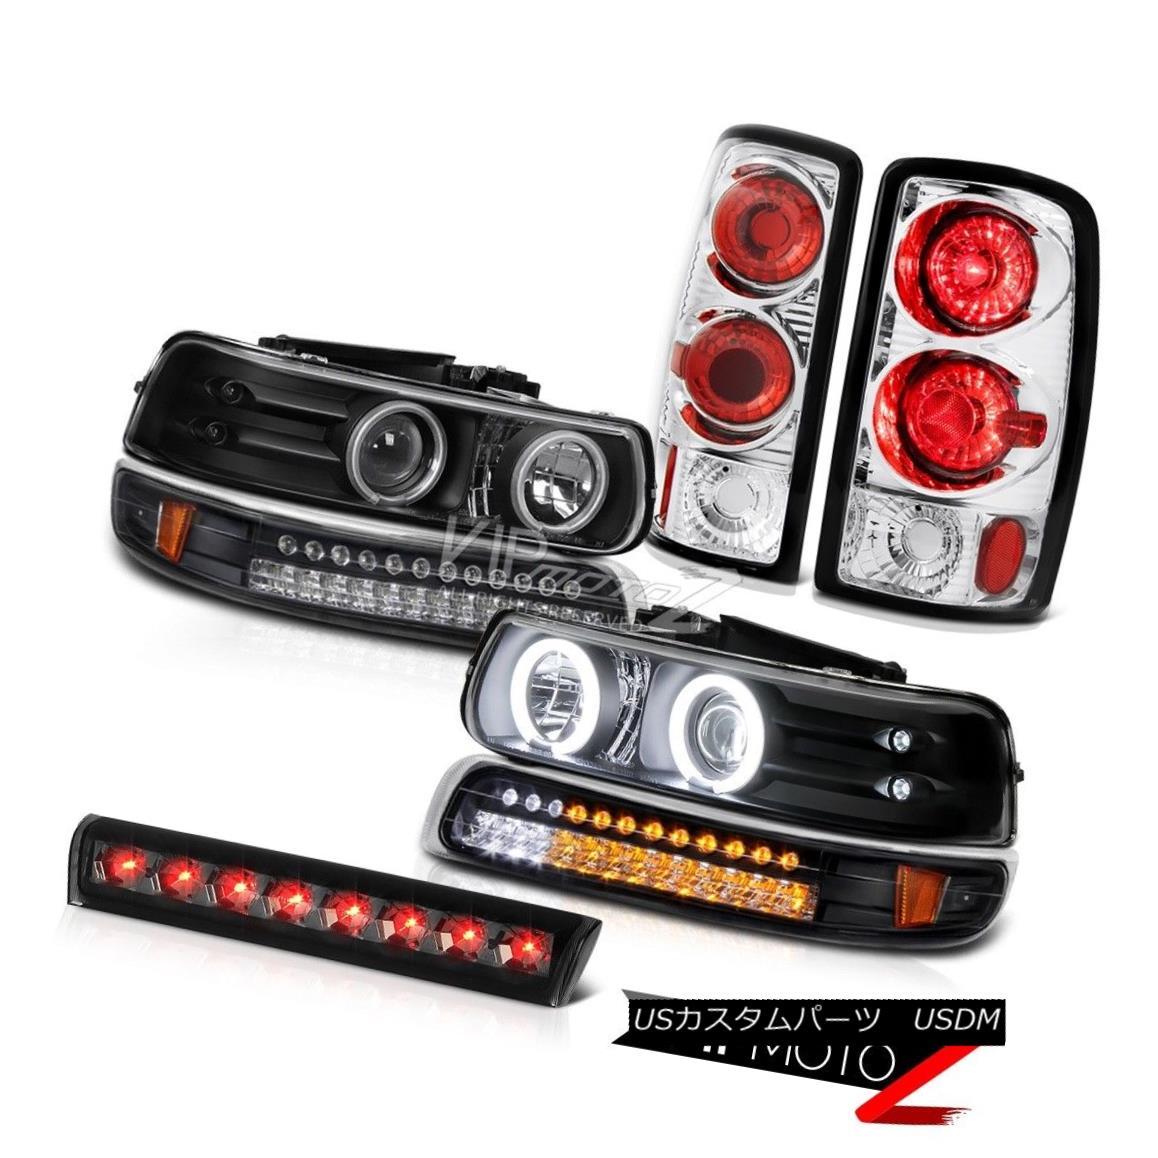 ヘッドライト 2000-2006 Suburban 5.7L Black CCFL Headlights SMD Rear 3rd Brake Stop LED Smoke 2000-2006郊外5.7LブラックCCFLヘッドライトSMDリア第3ブレーキストップLEDスモーク